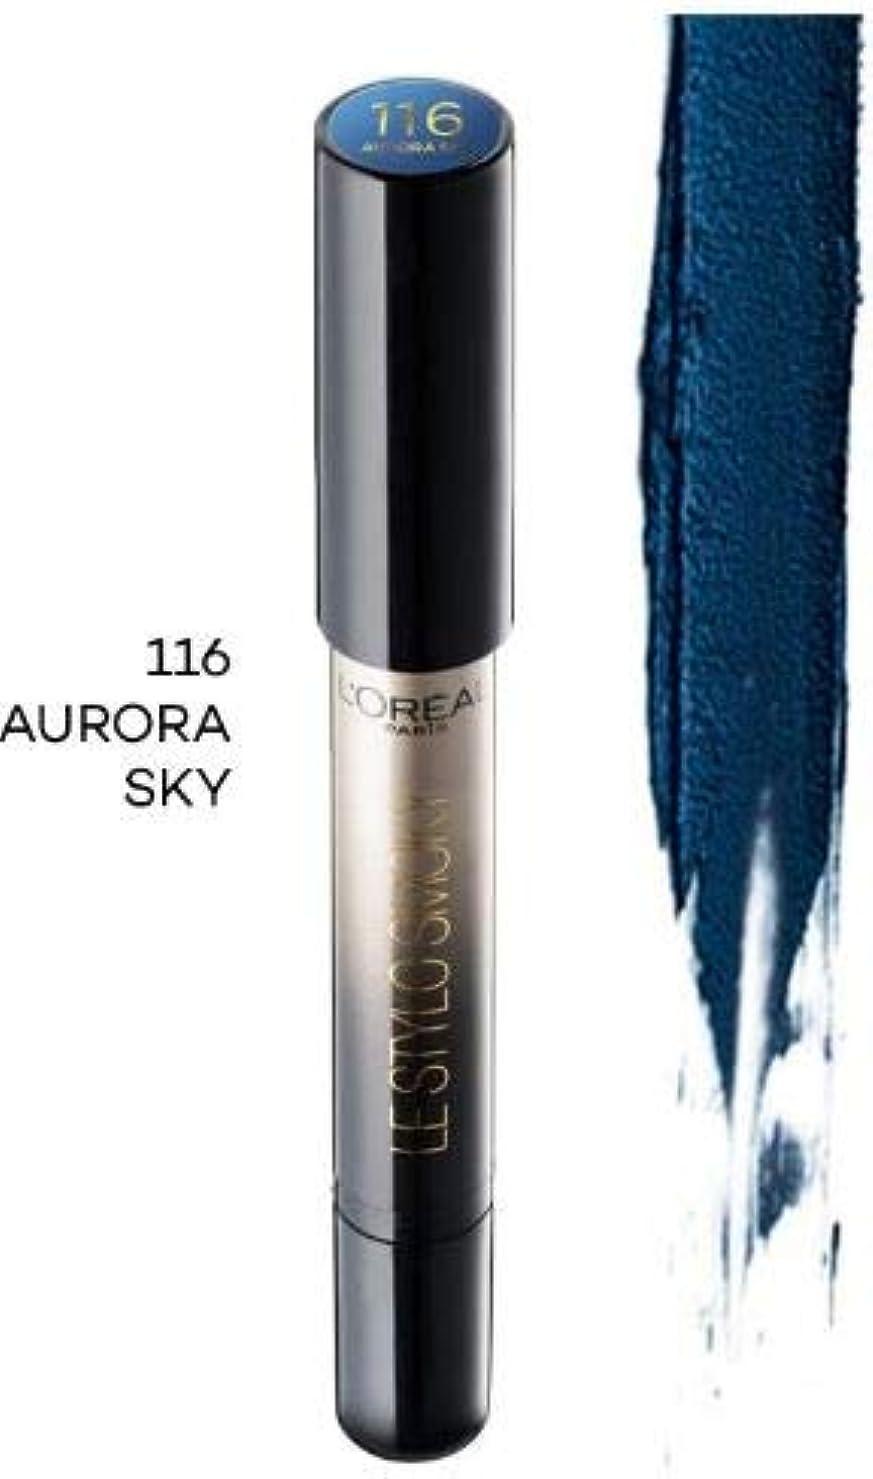 不良オピエート独立してL'OREAL Le Stylo Smoky Eye Shadow Aurora Sky 116 1.5g オーロラ スカイ - 真のプルシアンブルー マット仕上げ